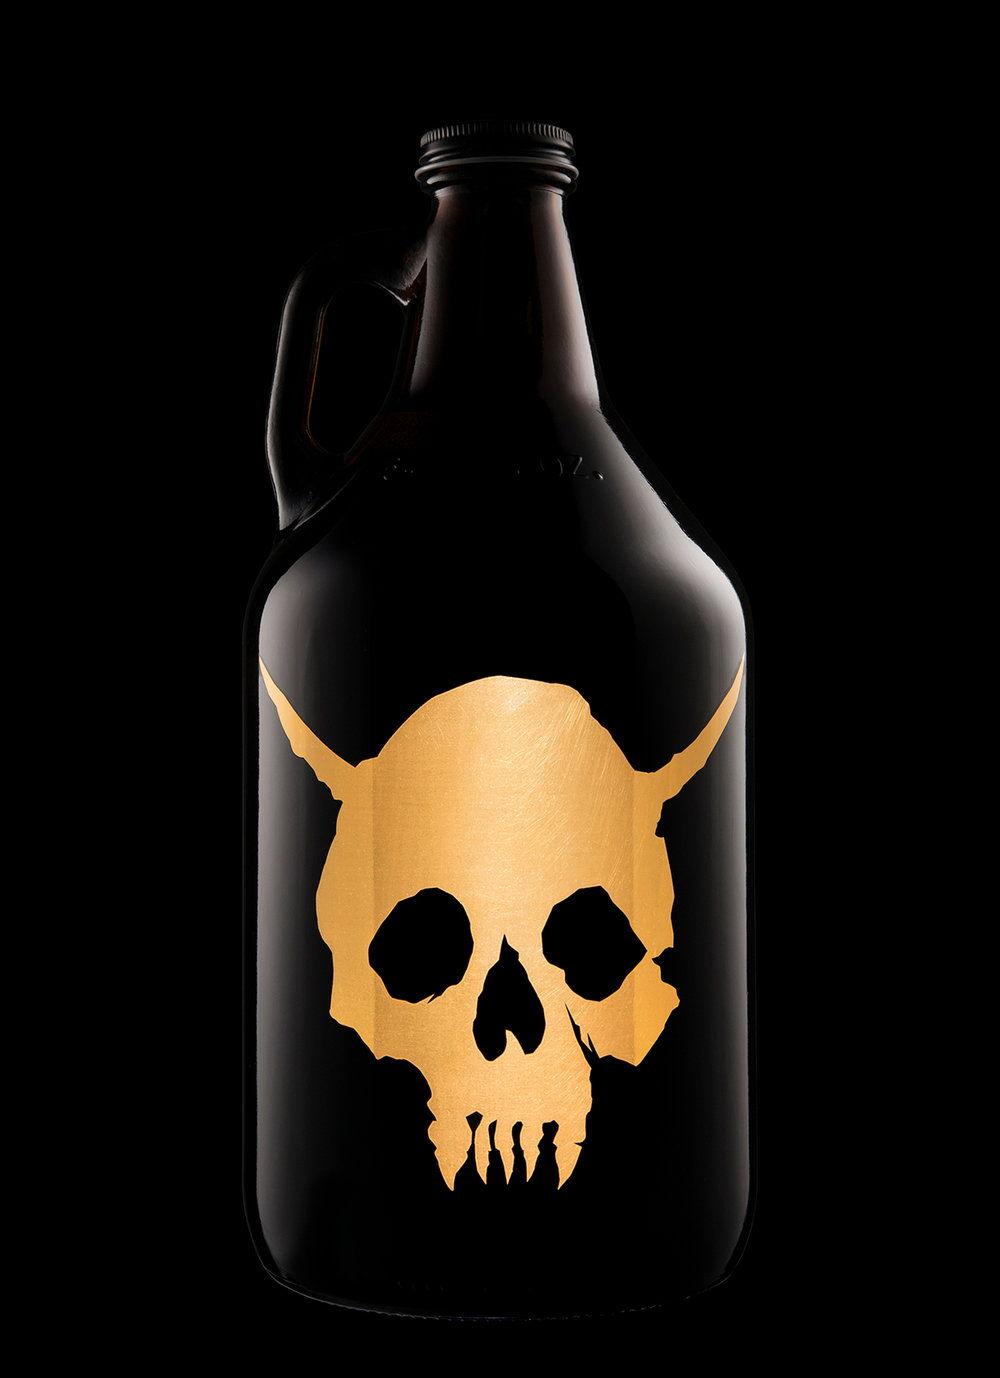 gold-skull-growler-02.jpg